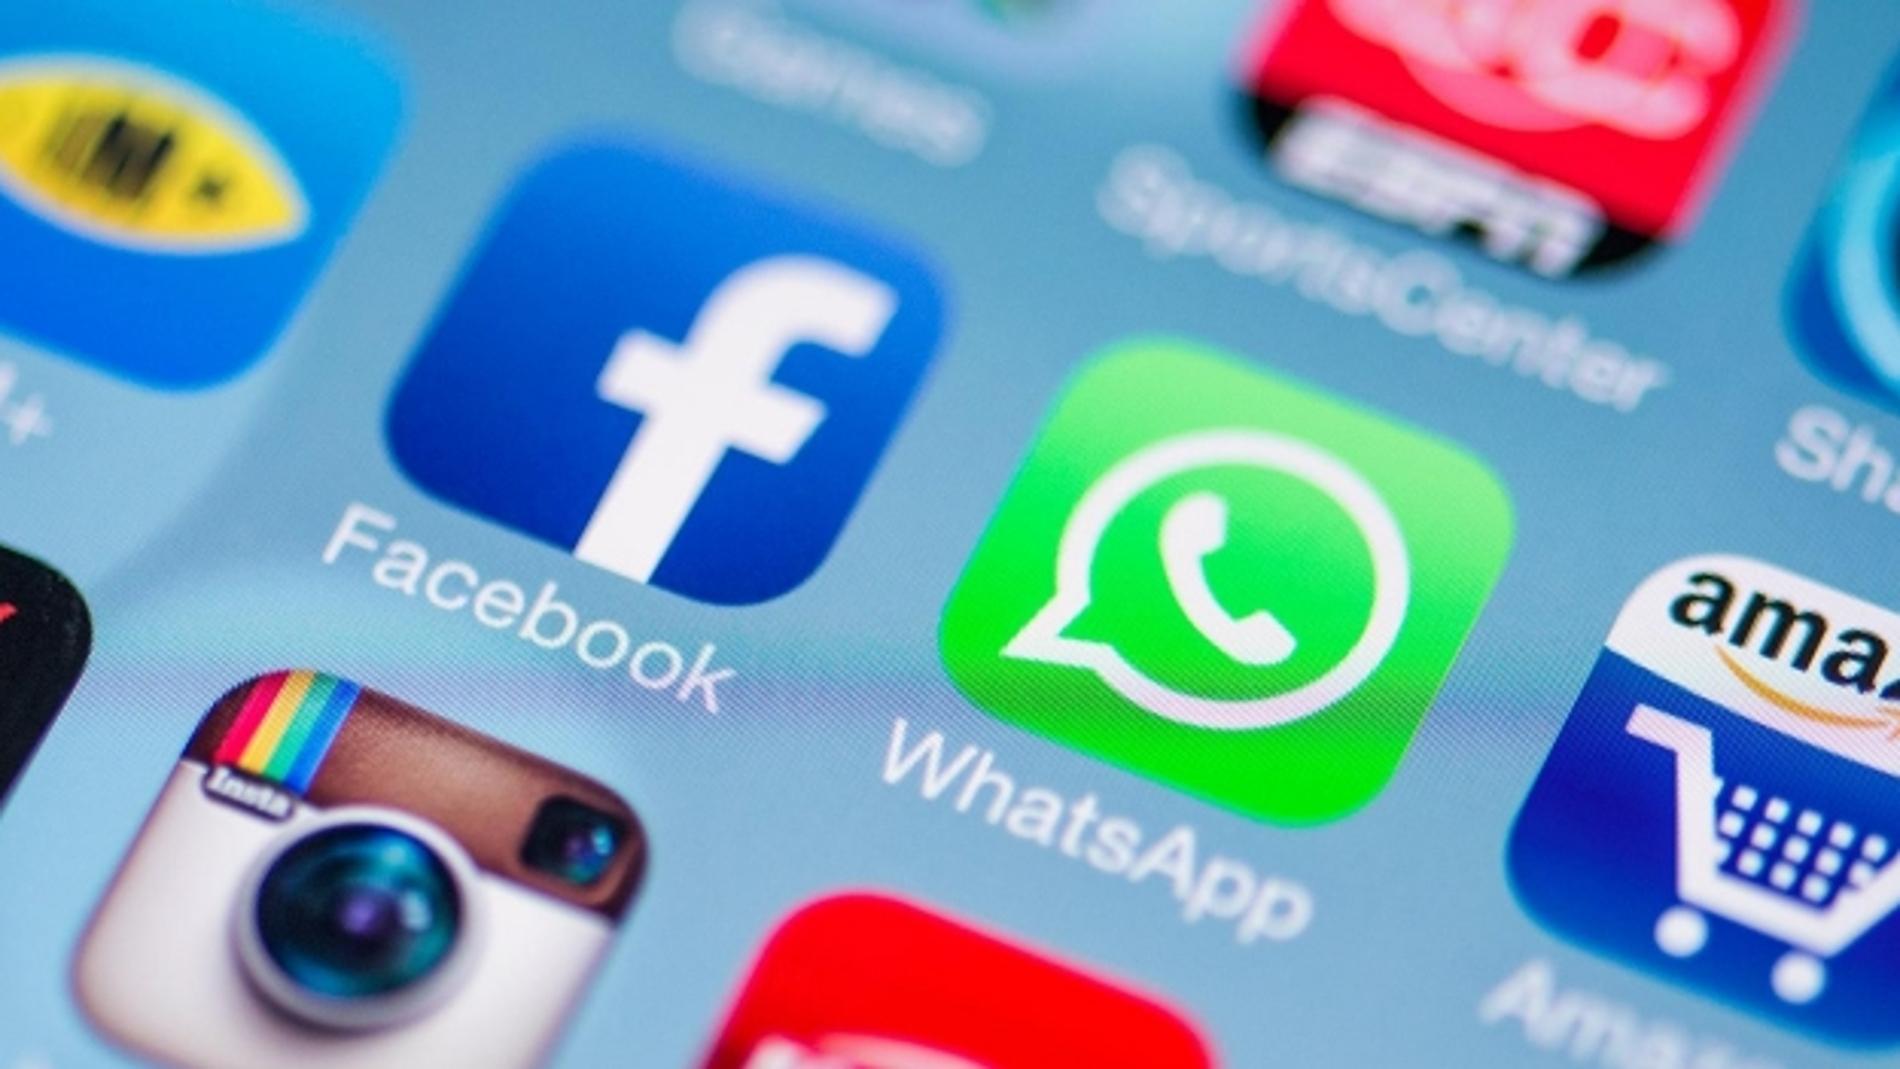 Iconos de Whatsapp y Facebook